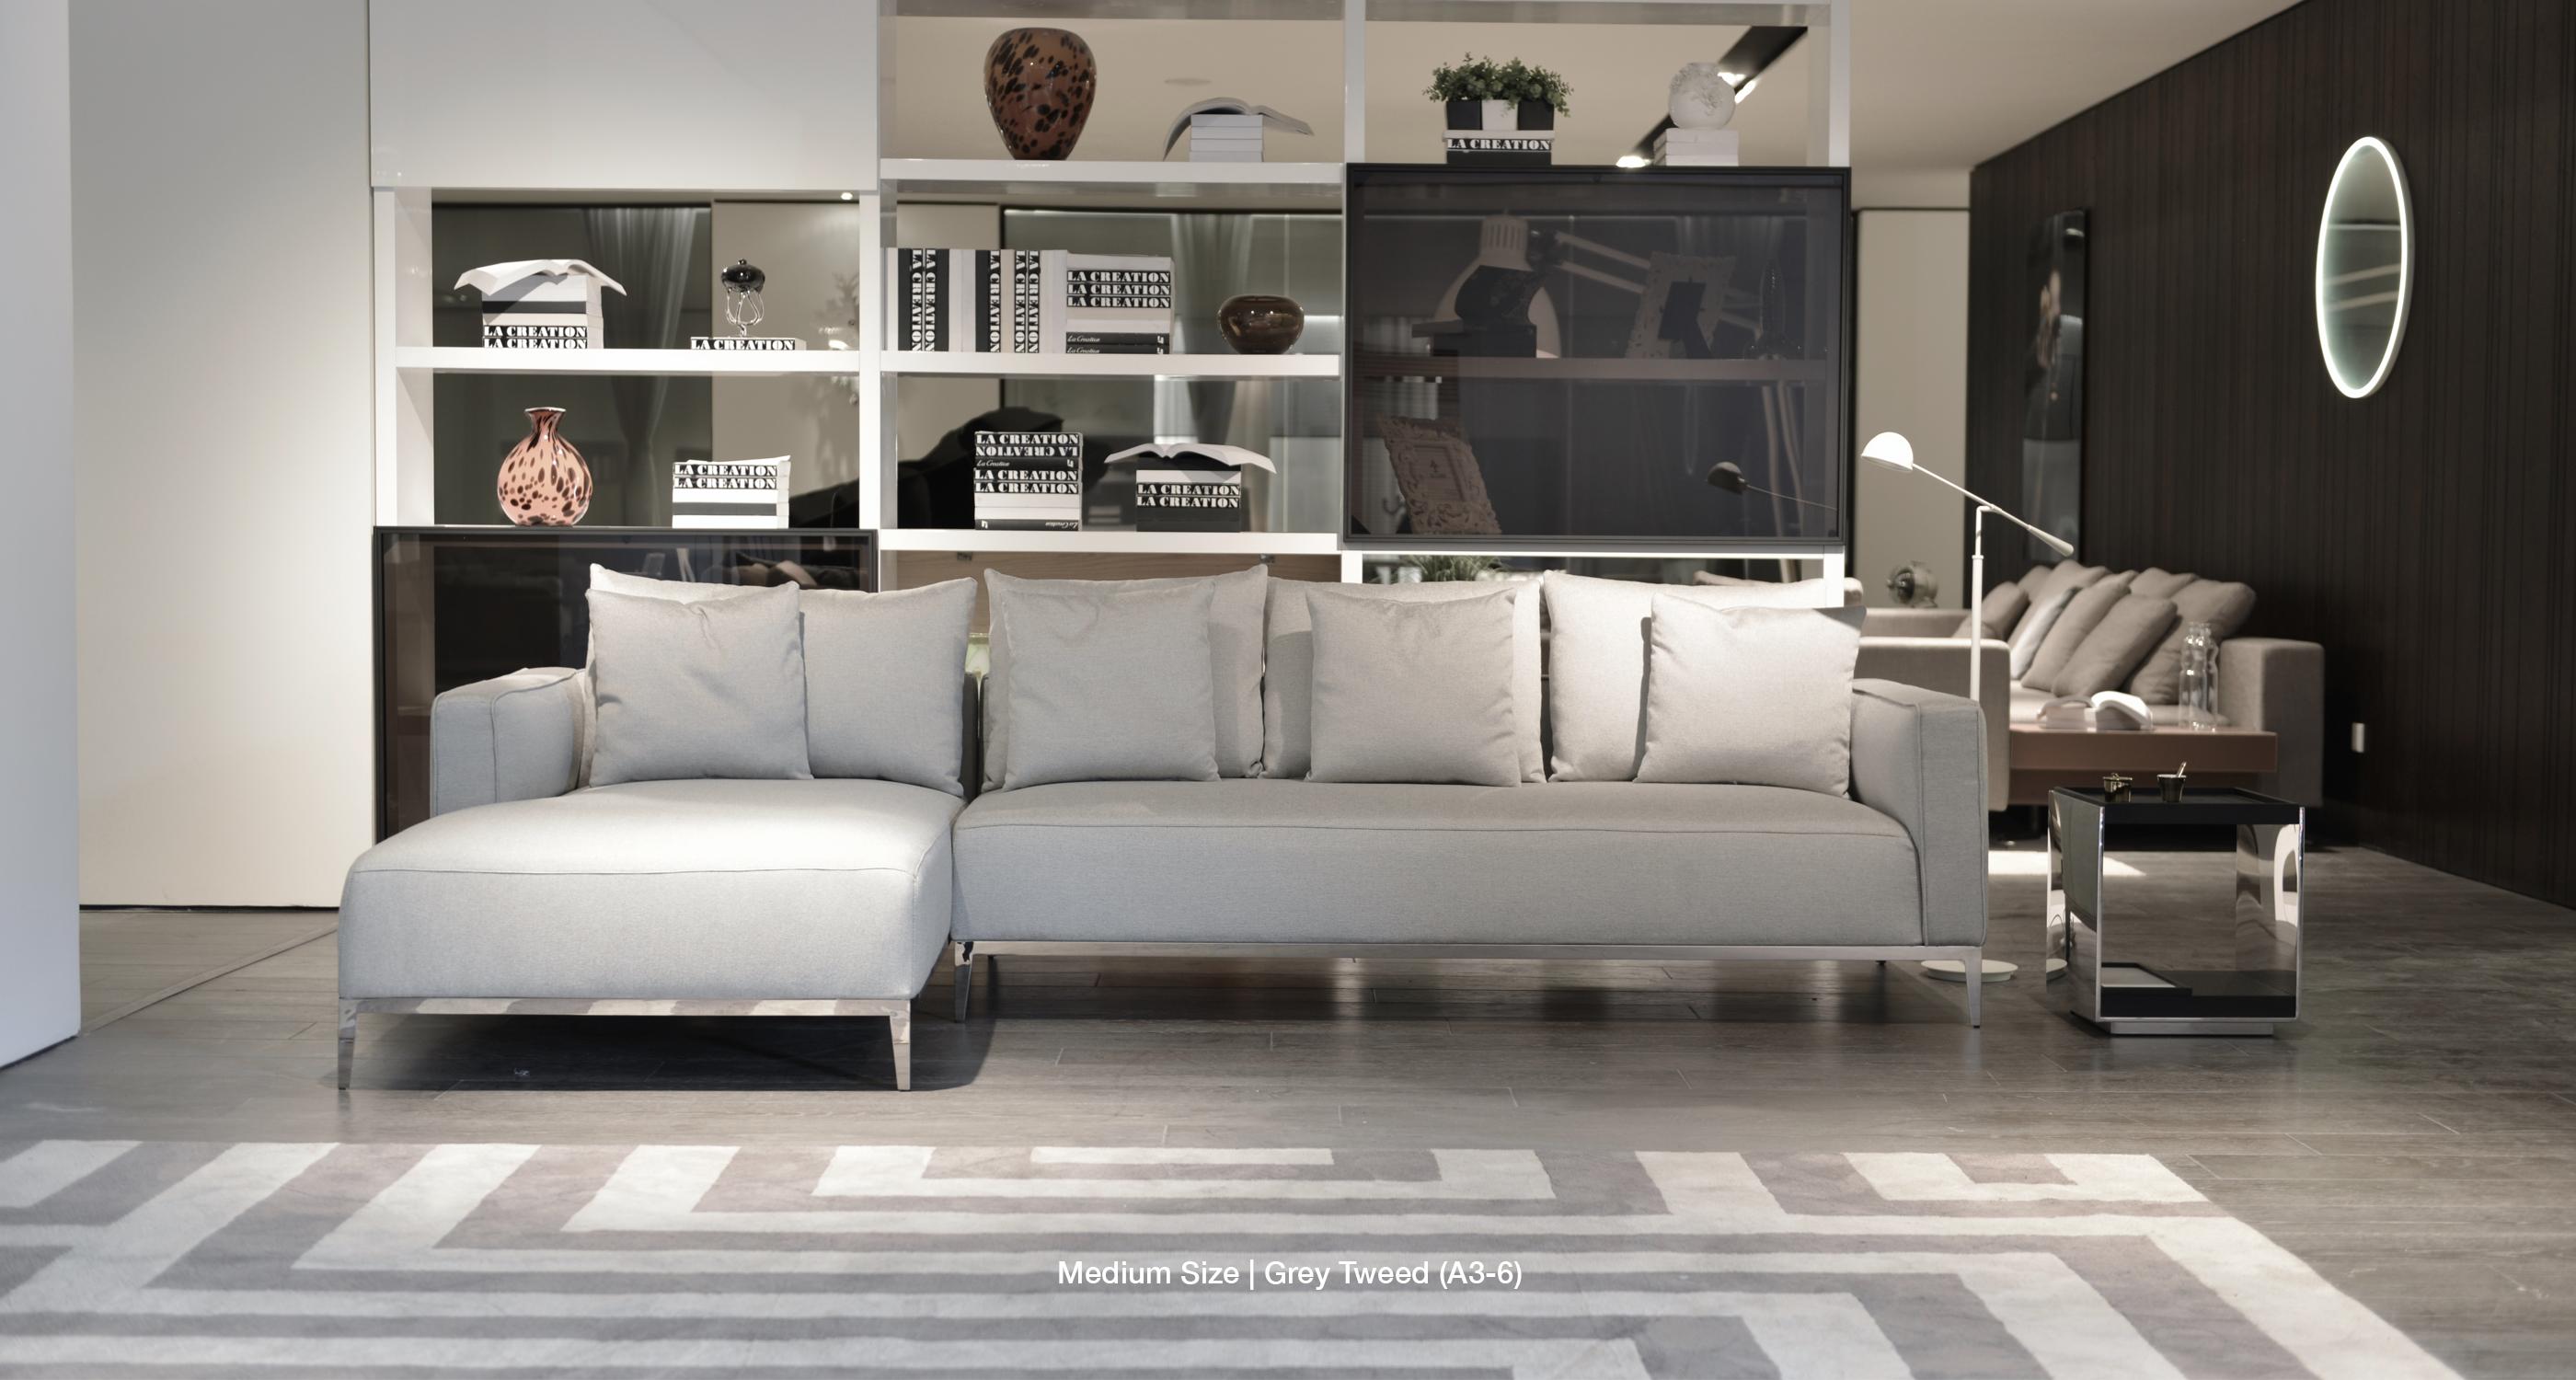 California Sofa Contemporary Sectional Sofas Sohoconcept